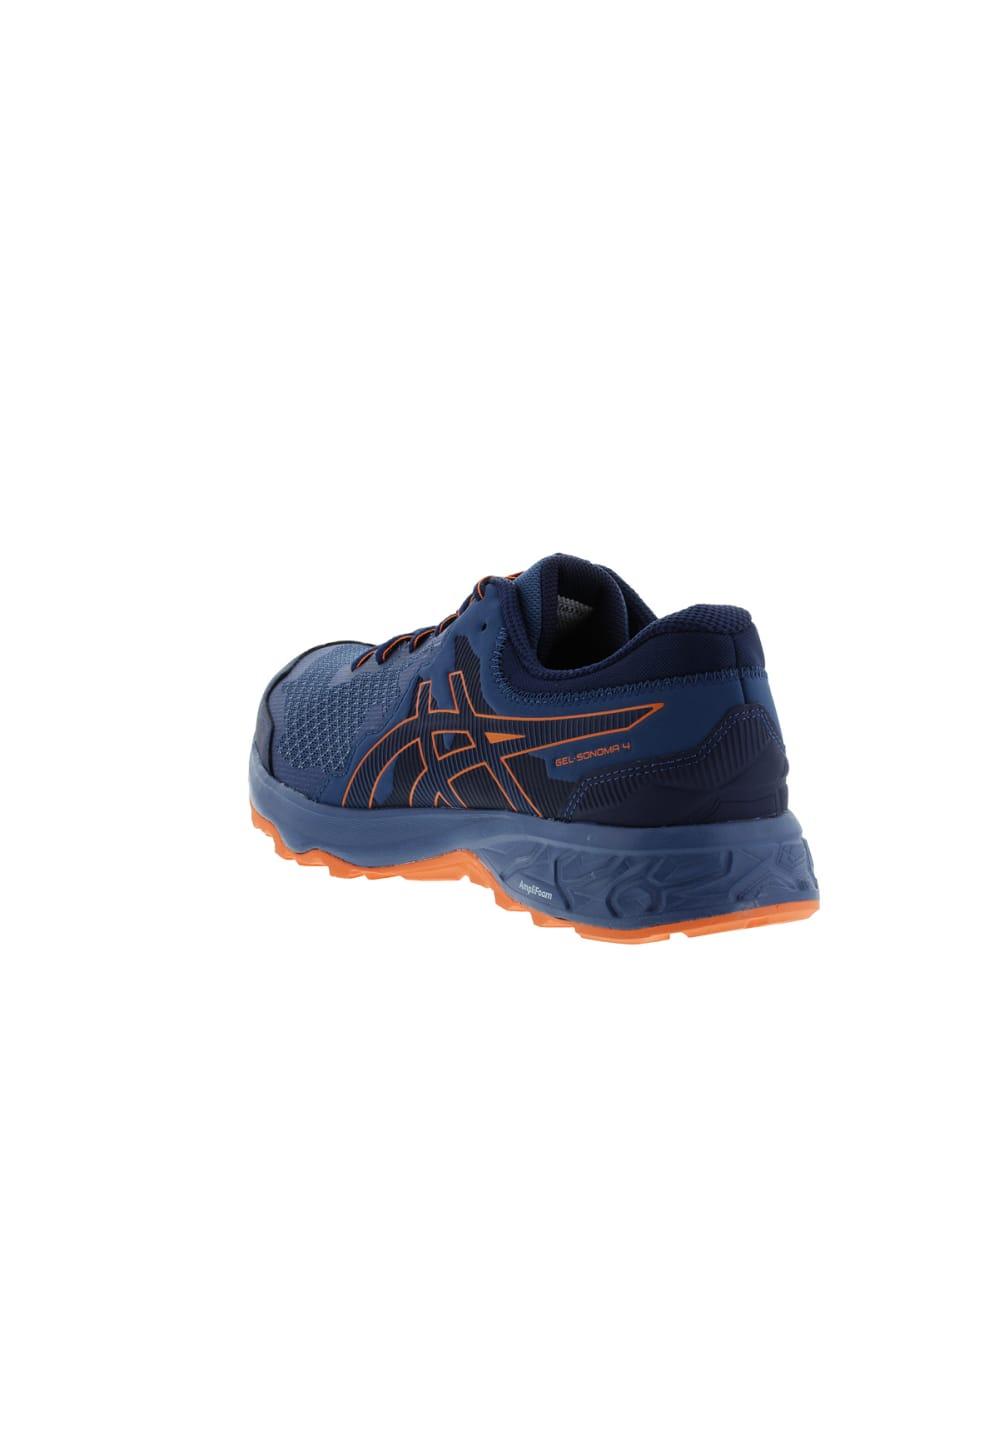 ce7fdfe8edb8d ASICS GEL-SONOMA 4 - Running shoes for Men - Blue